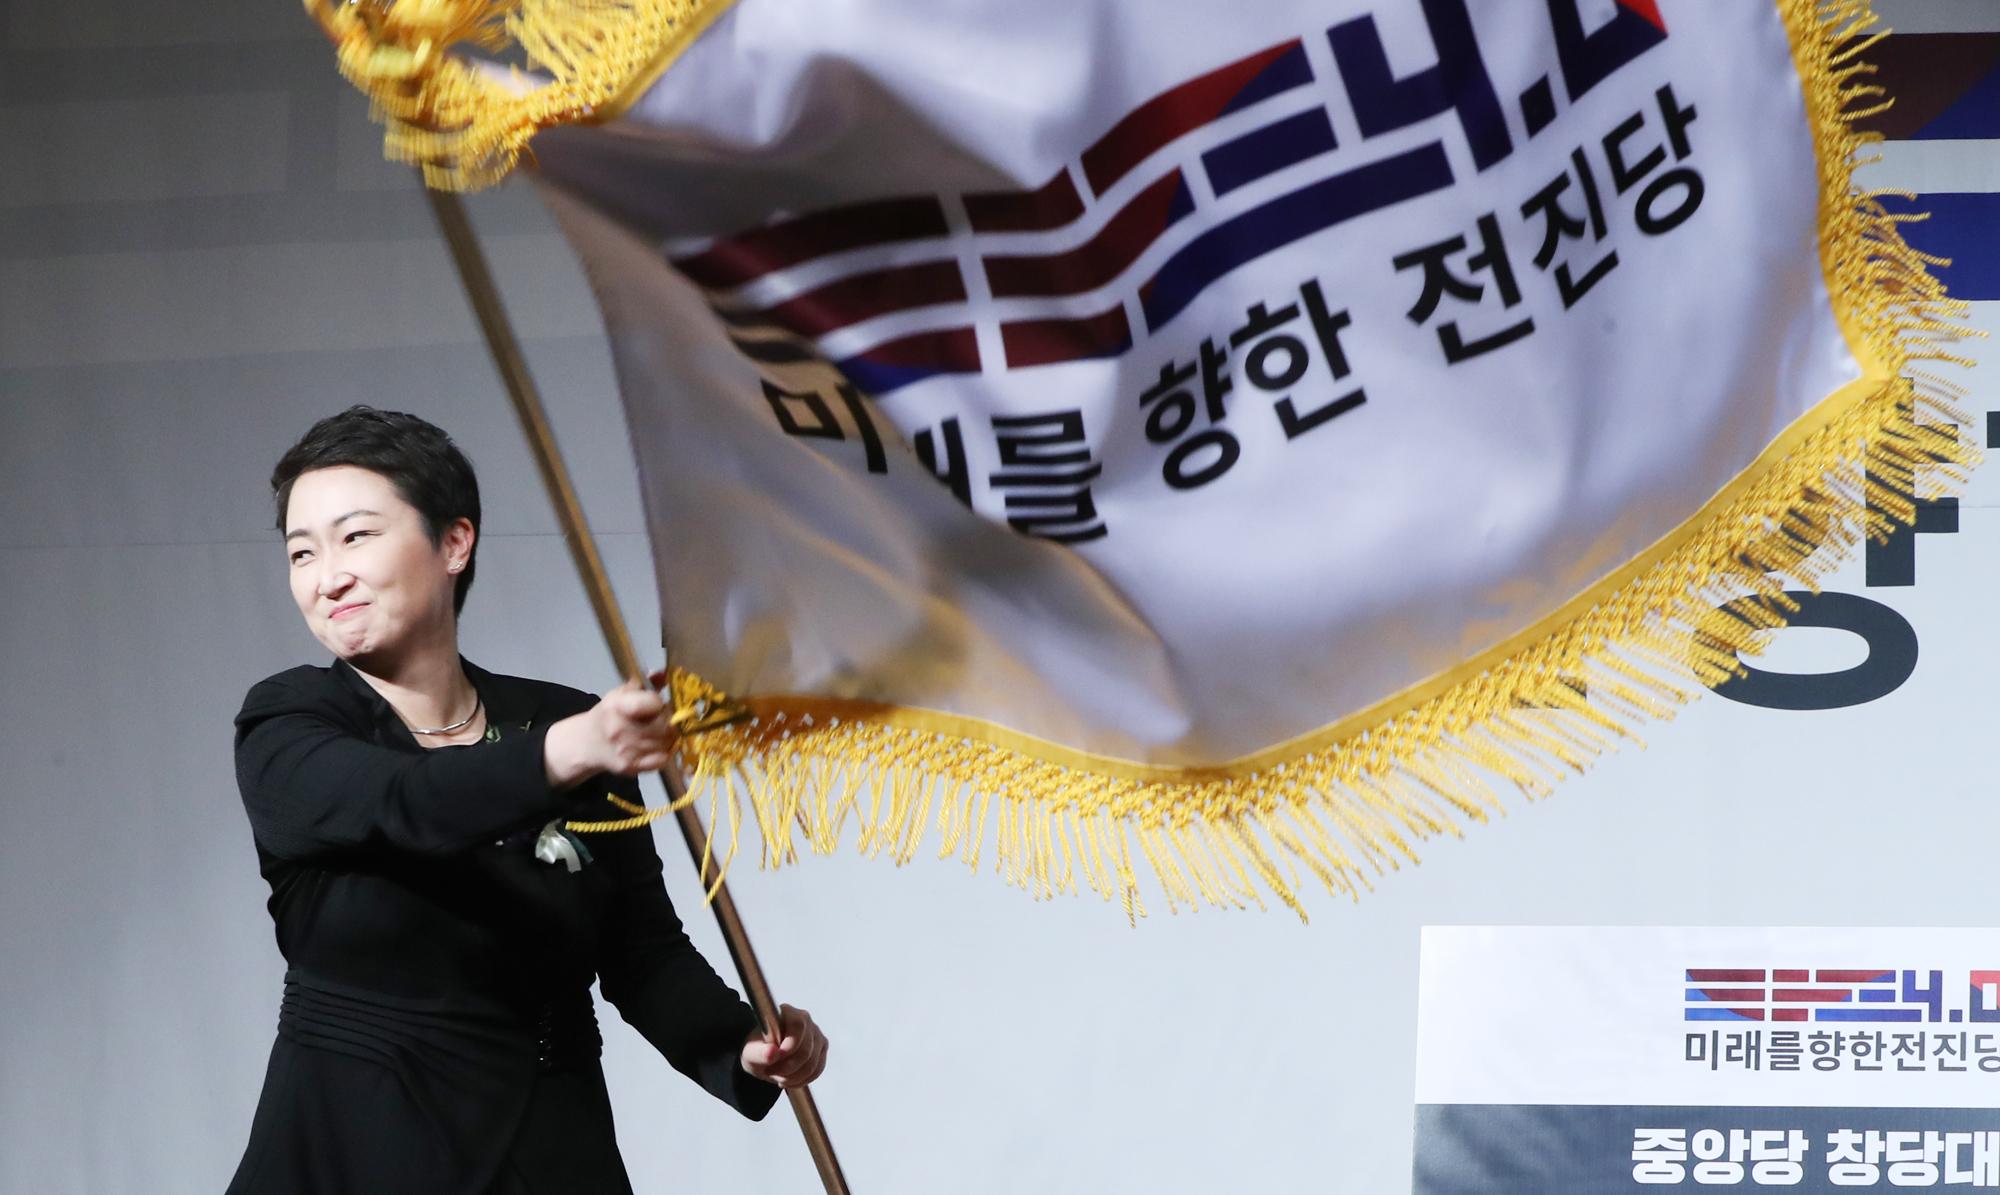 19일 오후 서울 용산구 백범 기념관 컨벤션홀에서 열린 미래를 향한 전진 4.0 중앙당 창당대회에서 이언주 당대표가 당기를 흔들고 있다. [연합뉴스]